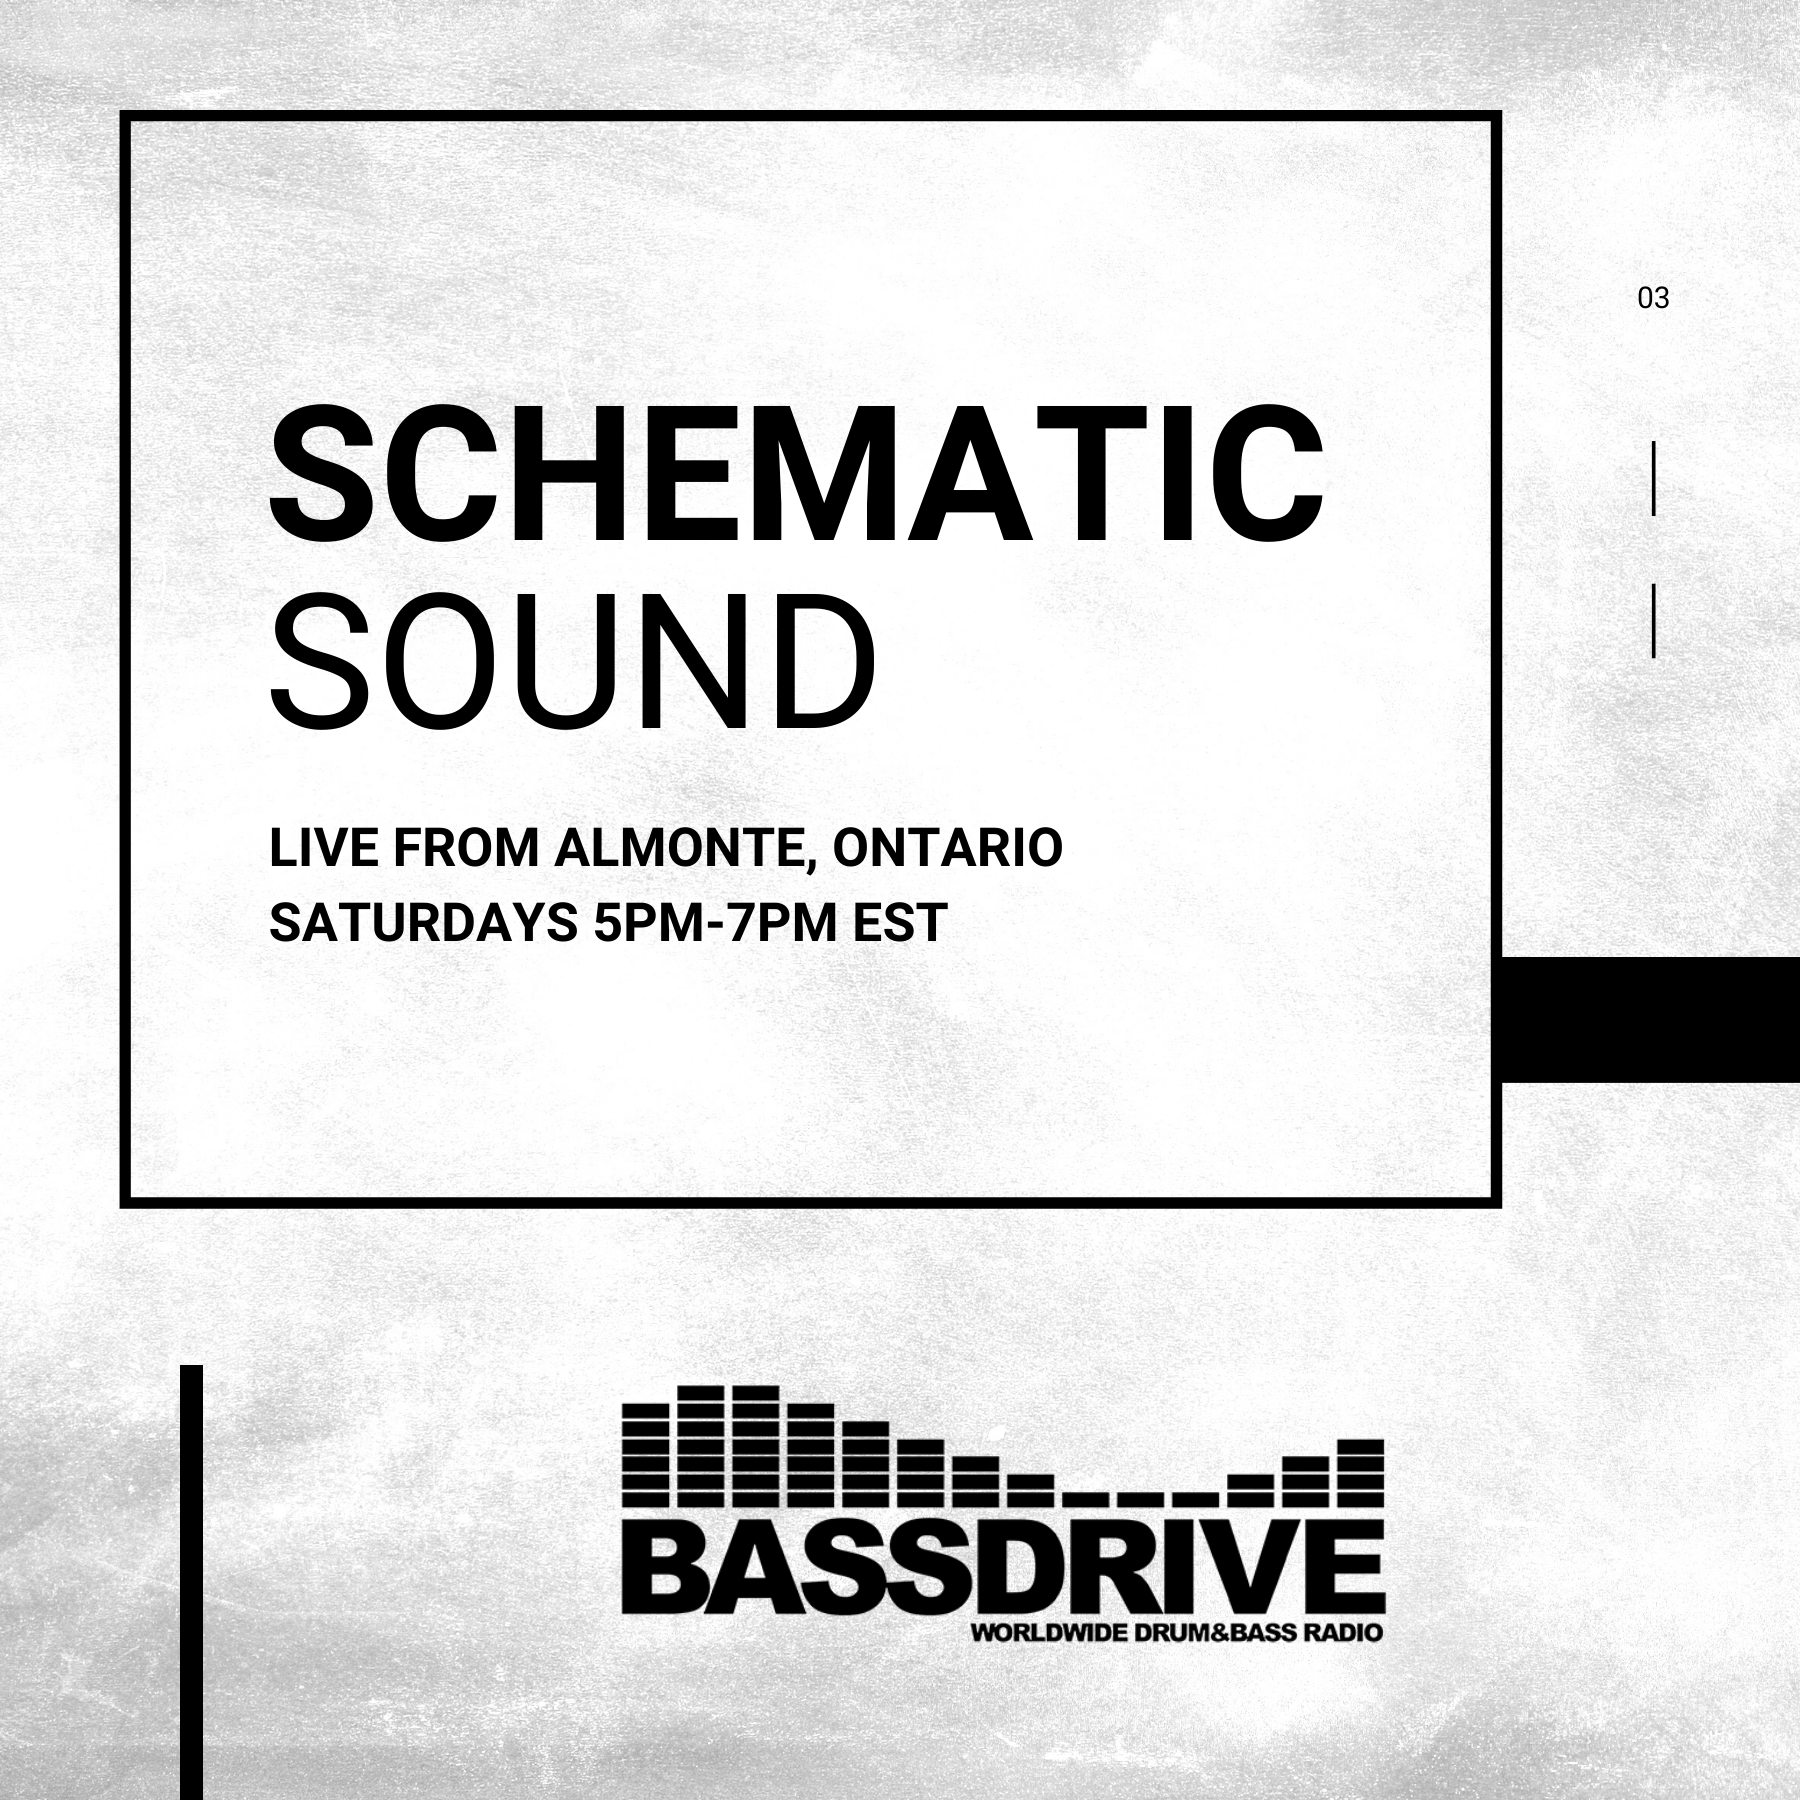 Schematic Sound LIVE on Bassdrive 03-20-2021